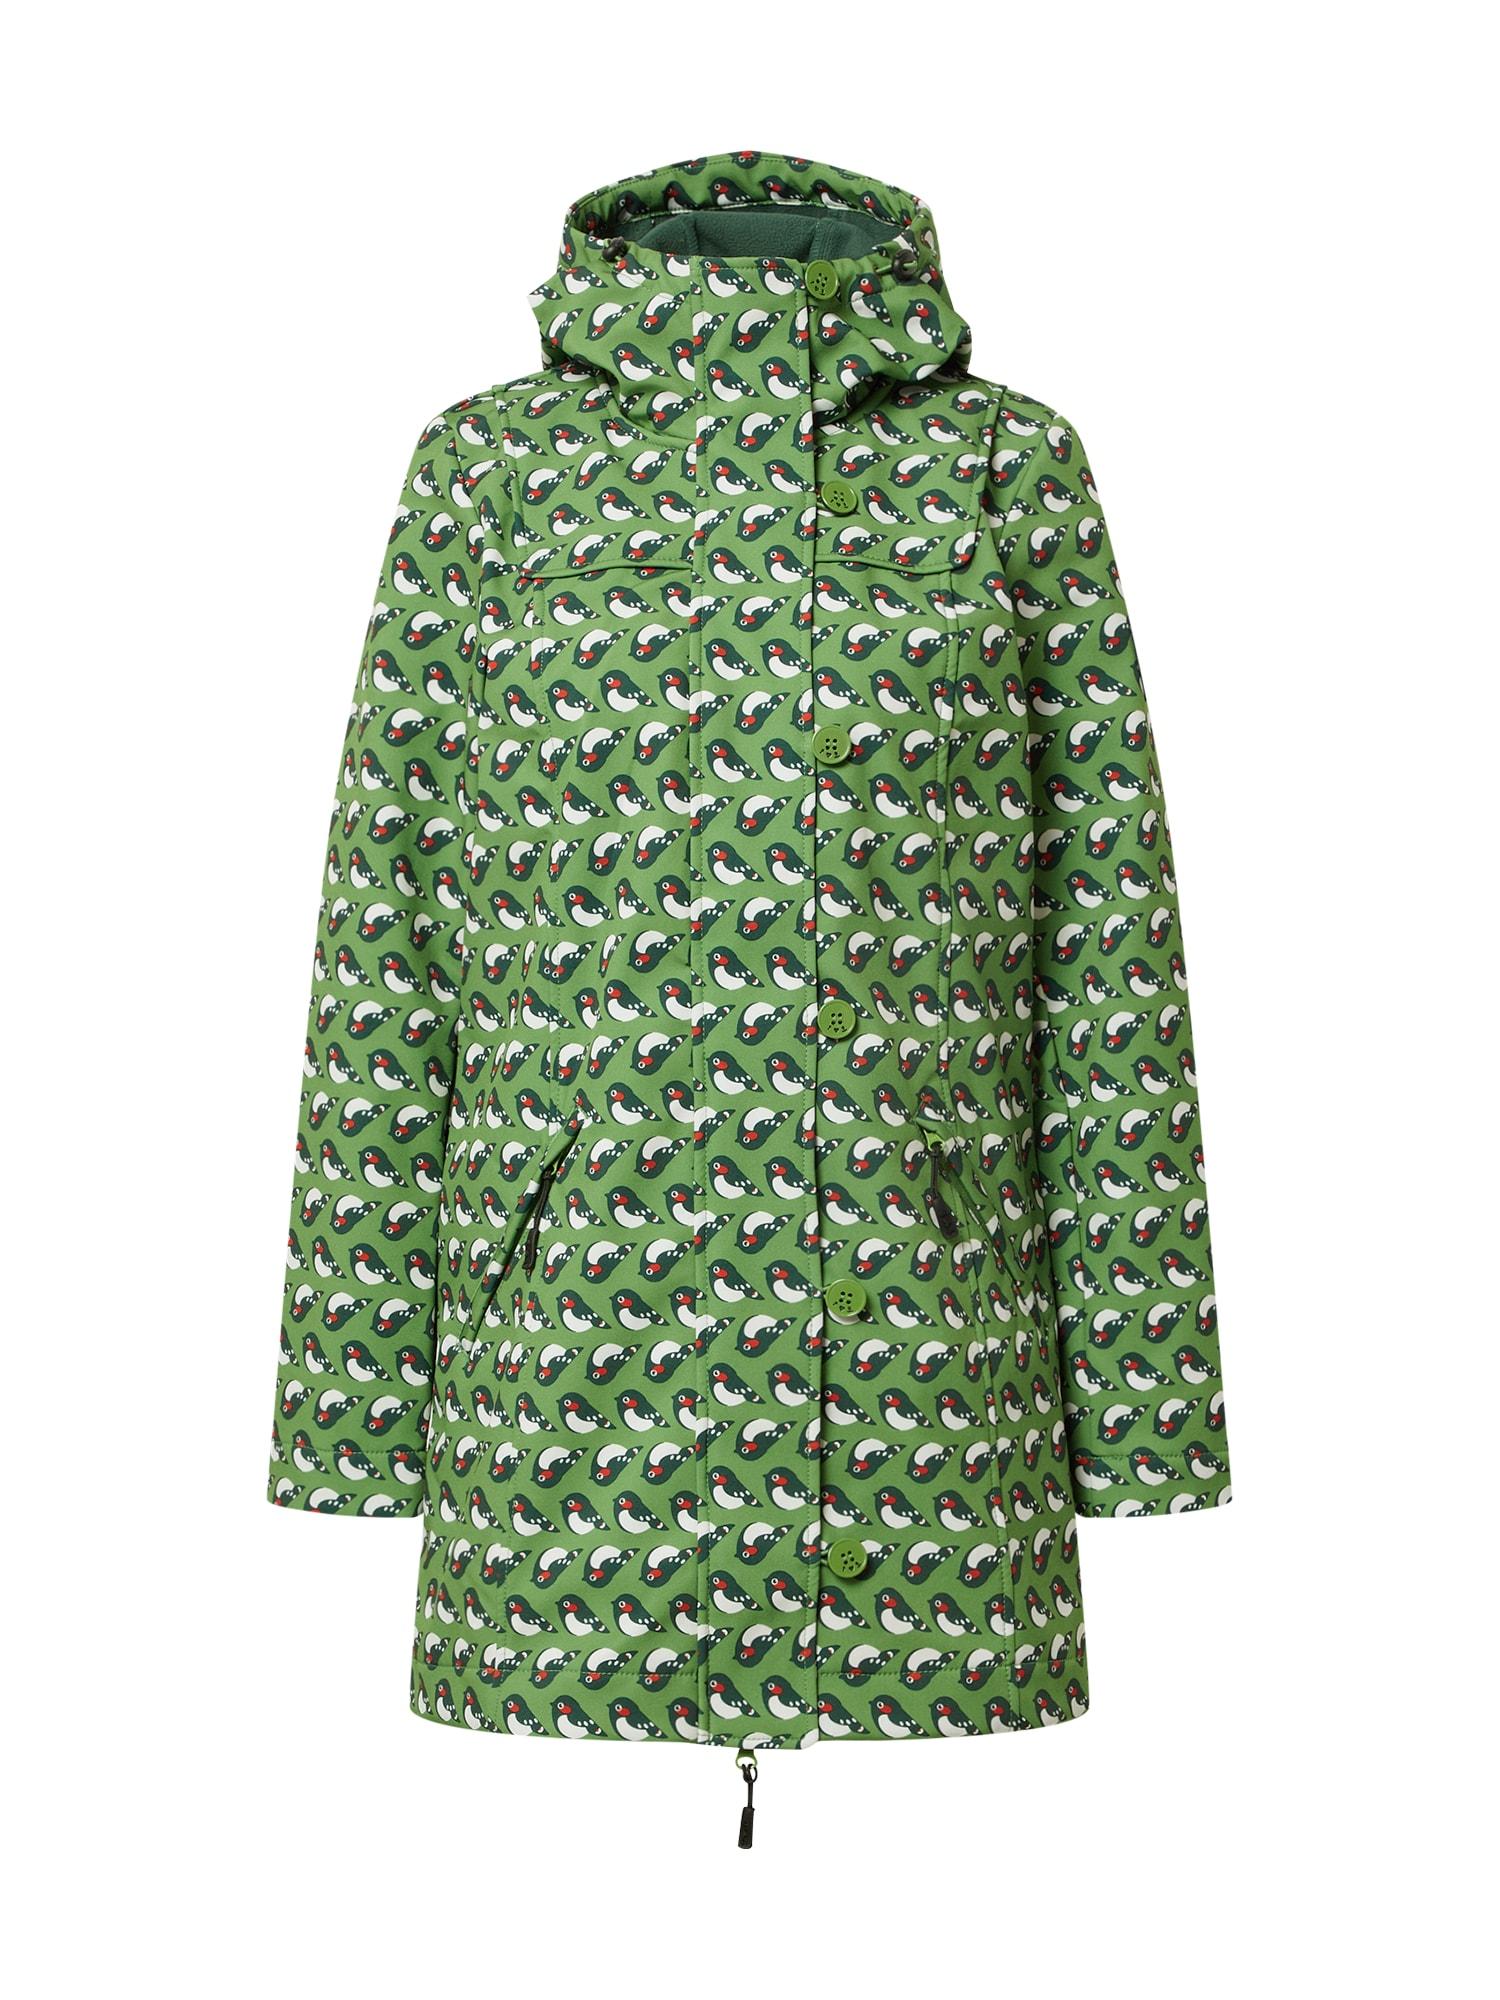 Blutsgeschwister Demisezoninis paltas žolės žalia / nakties mėlyna / raudona / balta